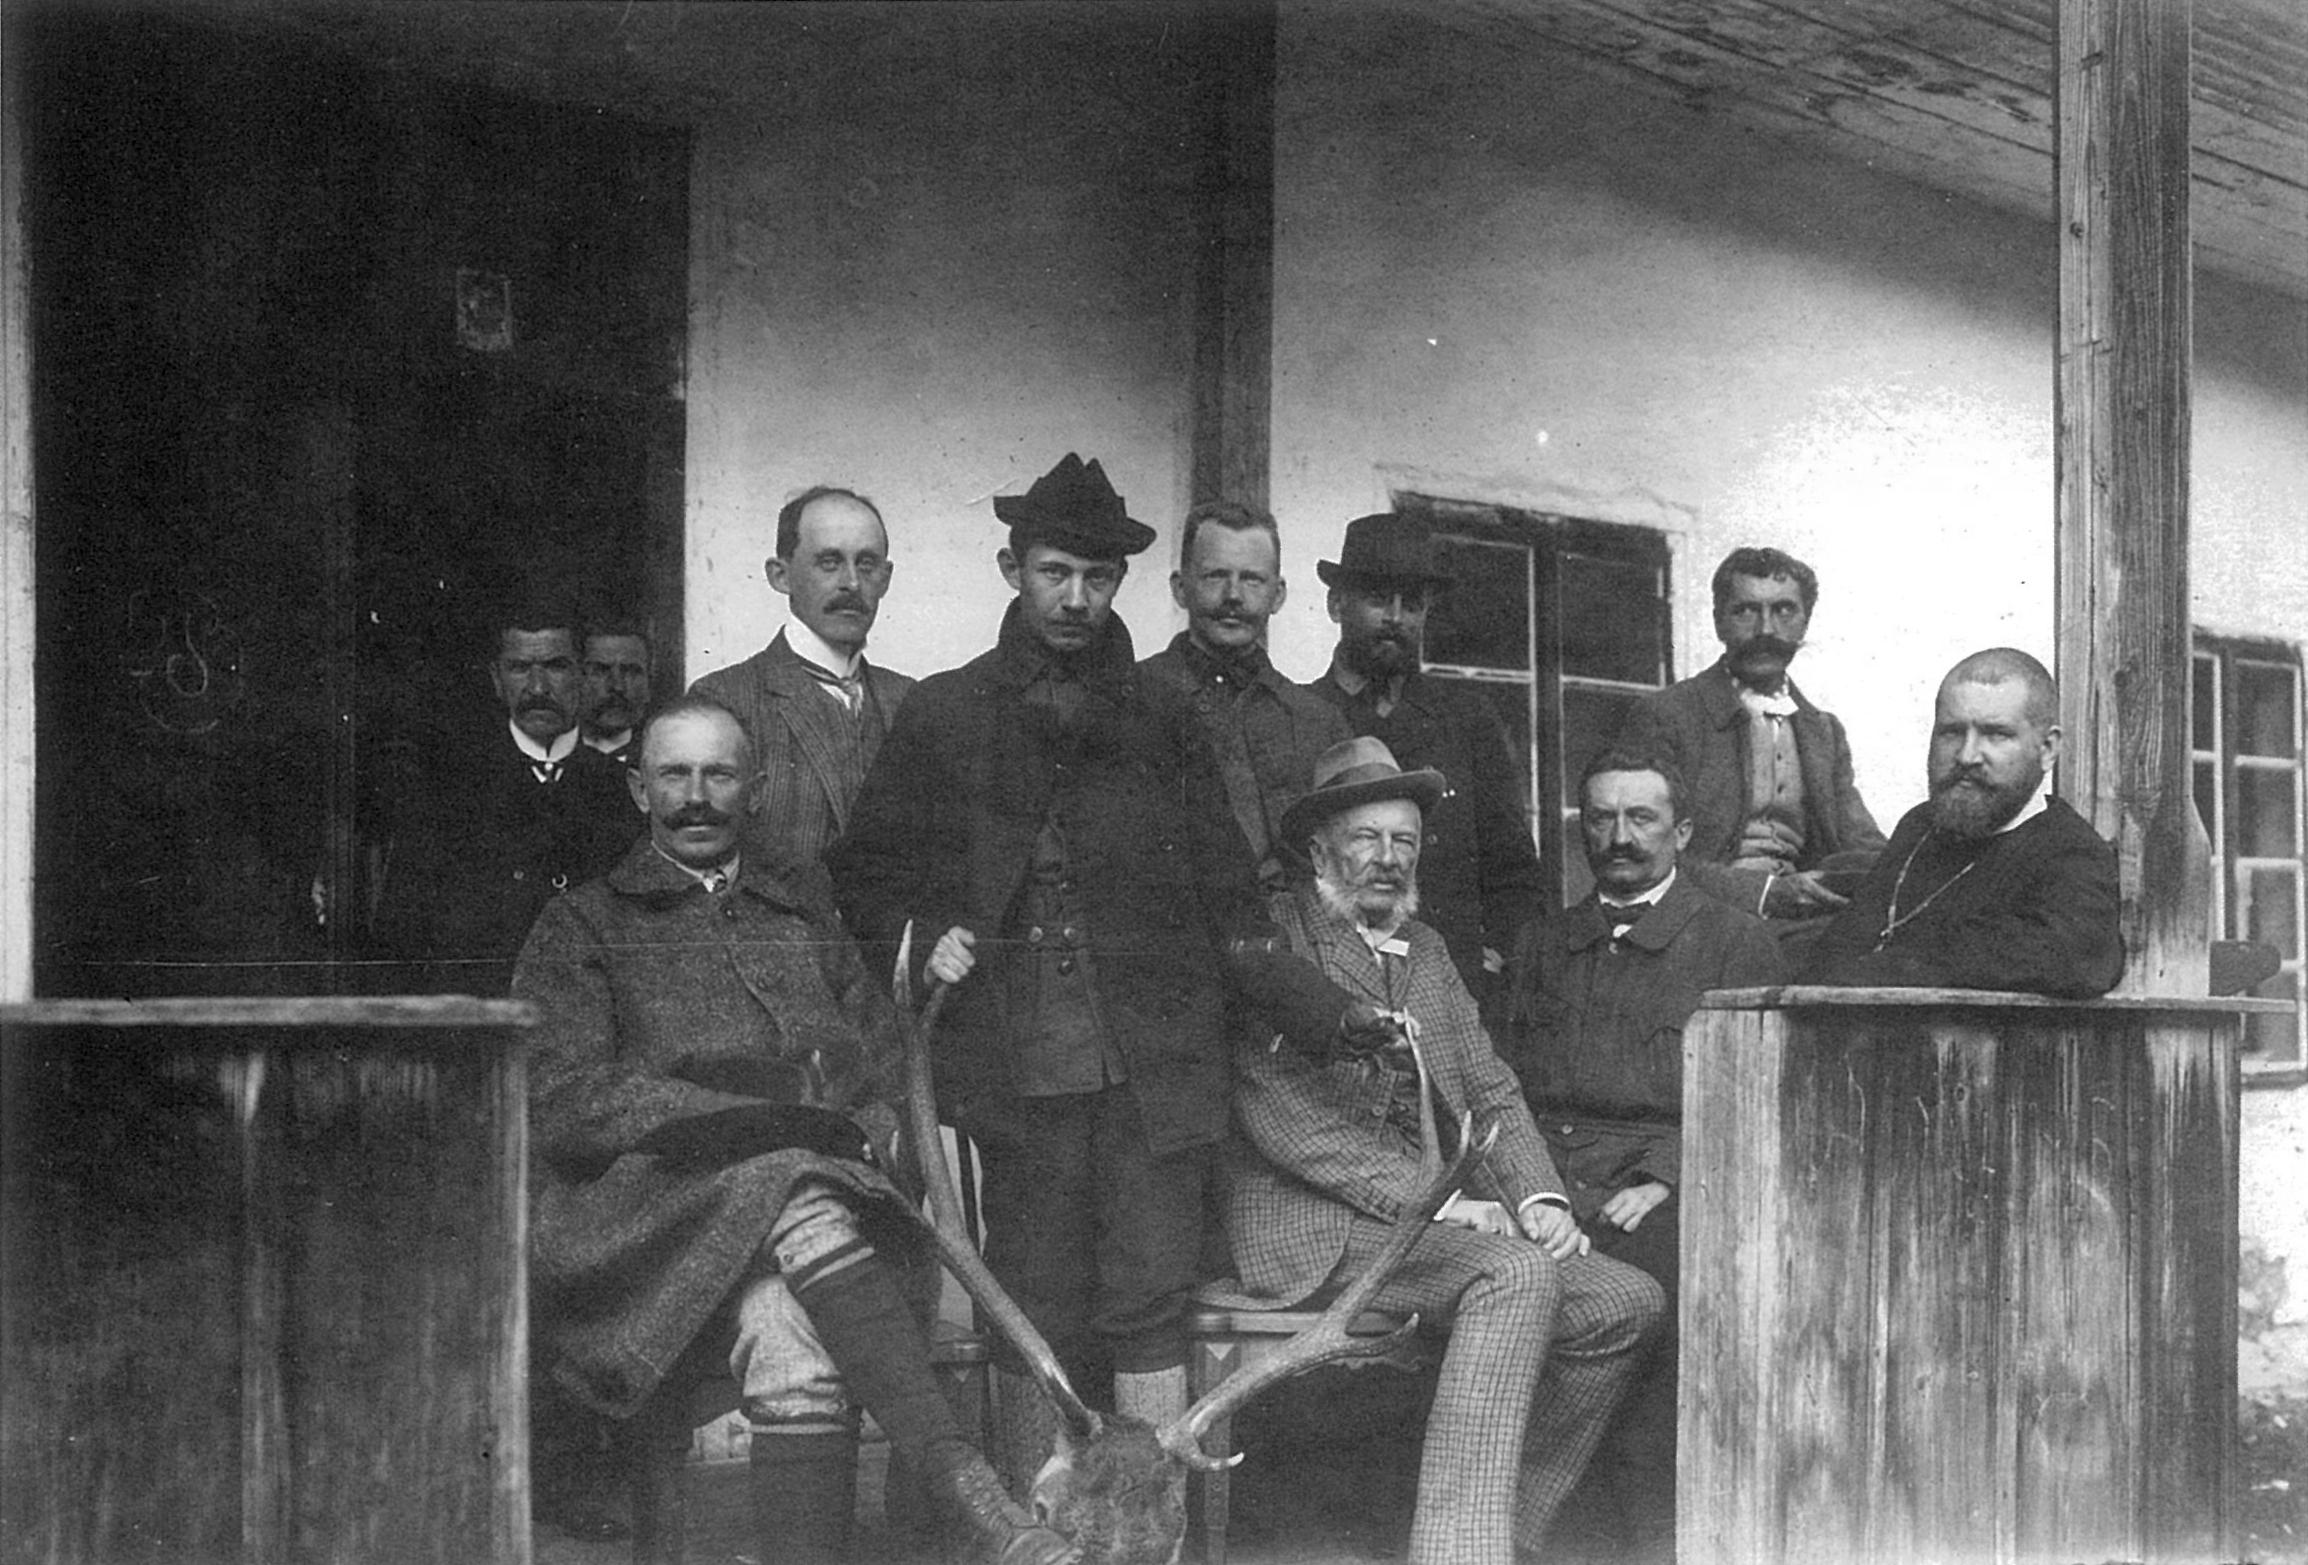 Митрополит Шептицький після повернення із російського полону (1917)